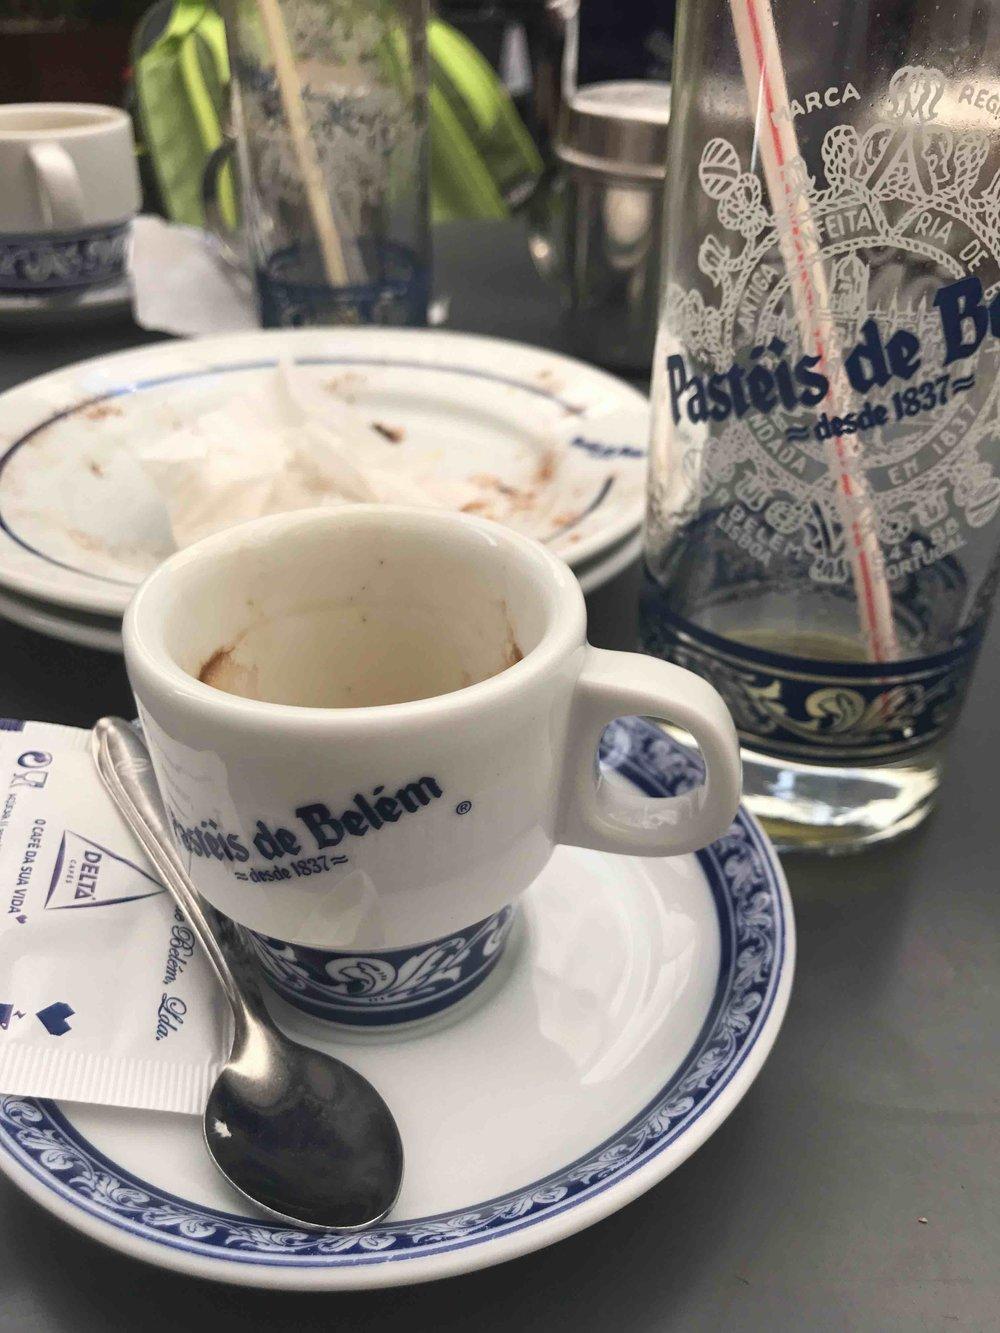 #lissabon #disawistories #pasteisdebelem #caffee.jpg